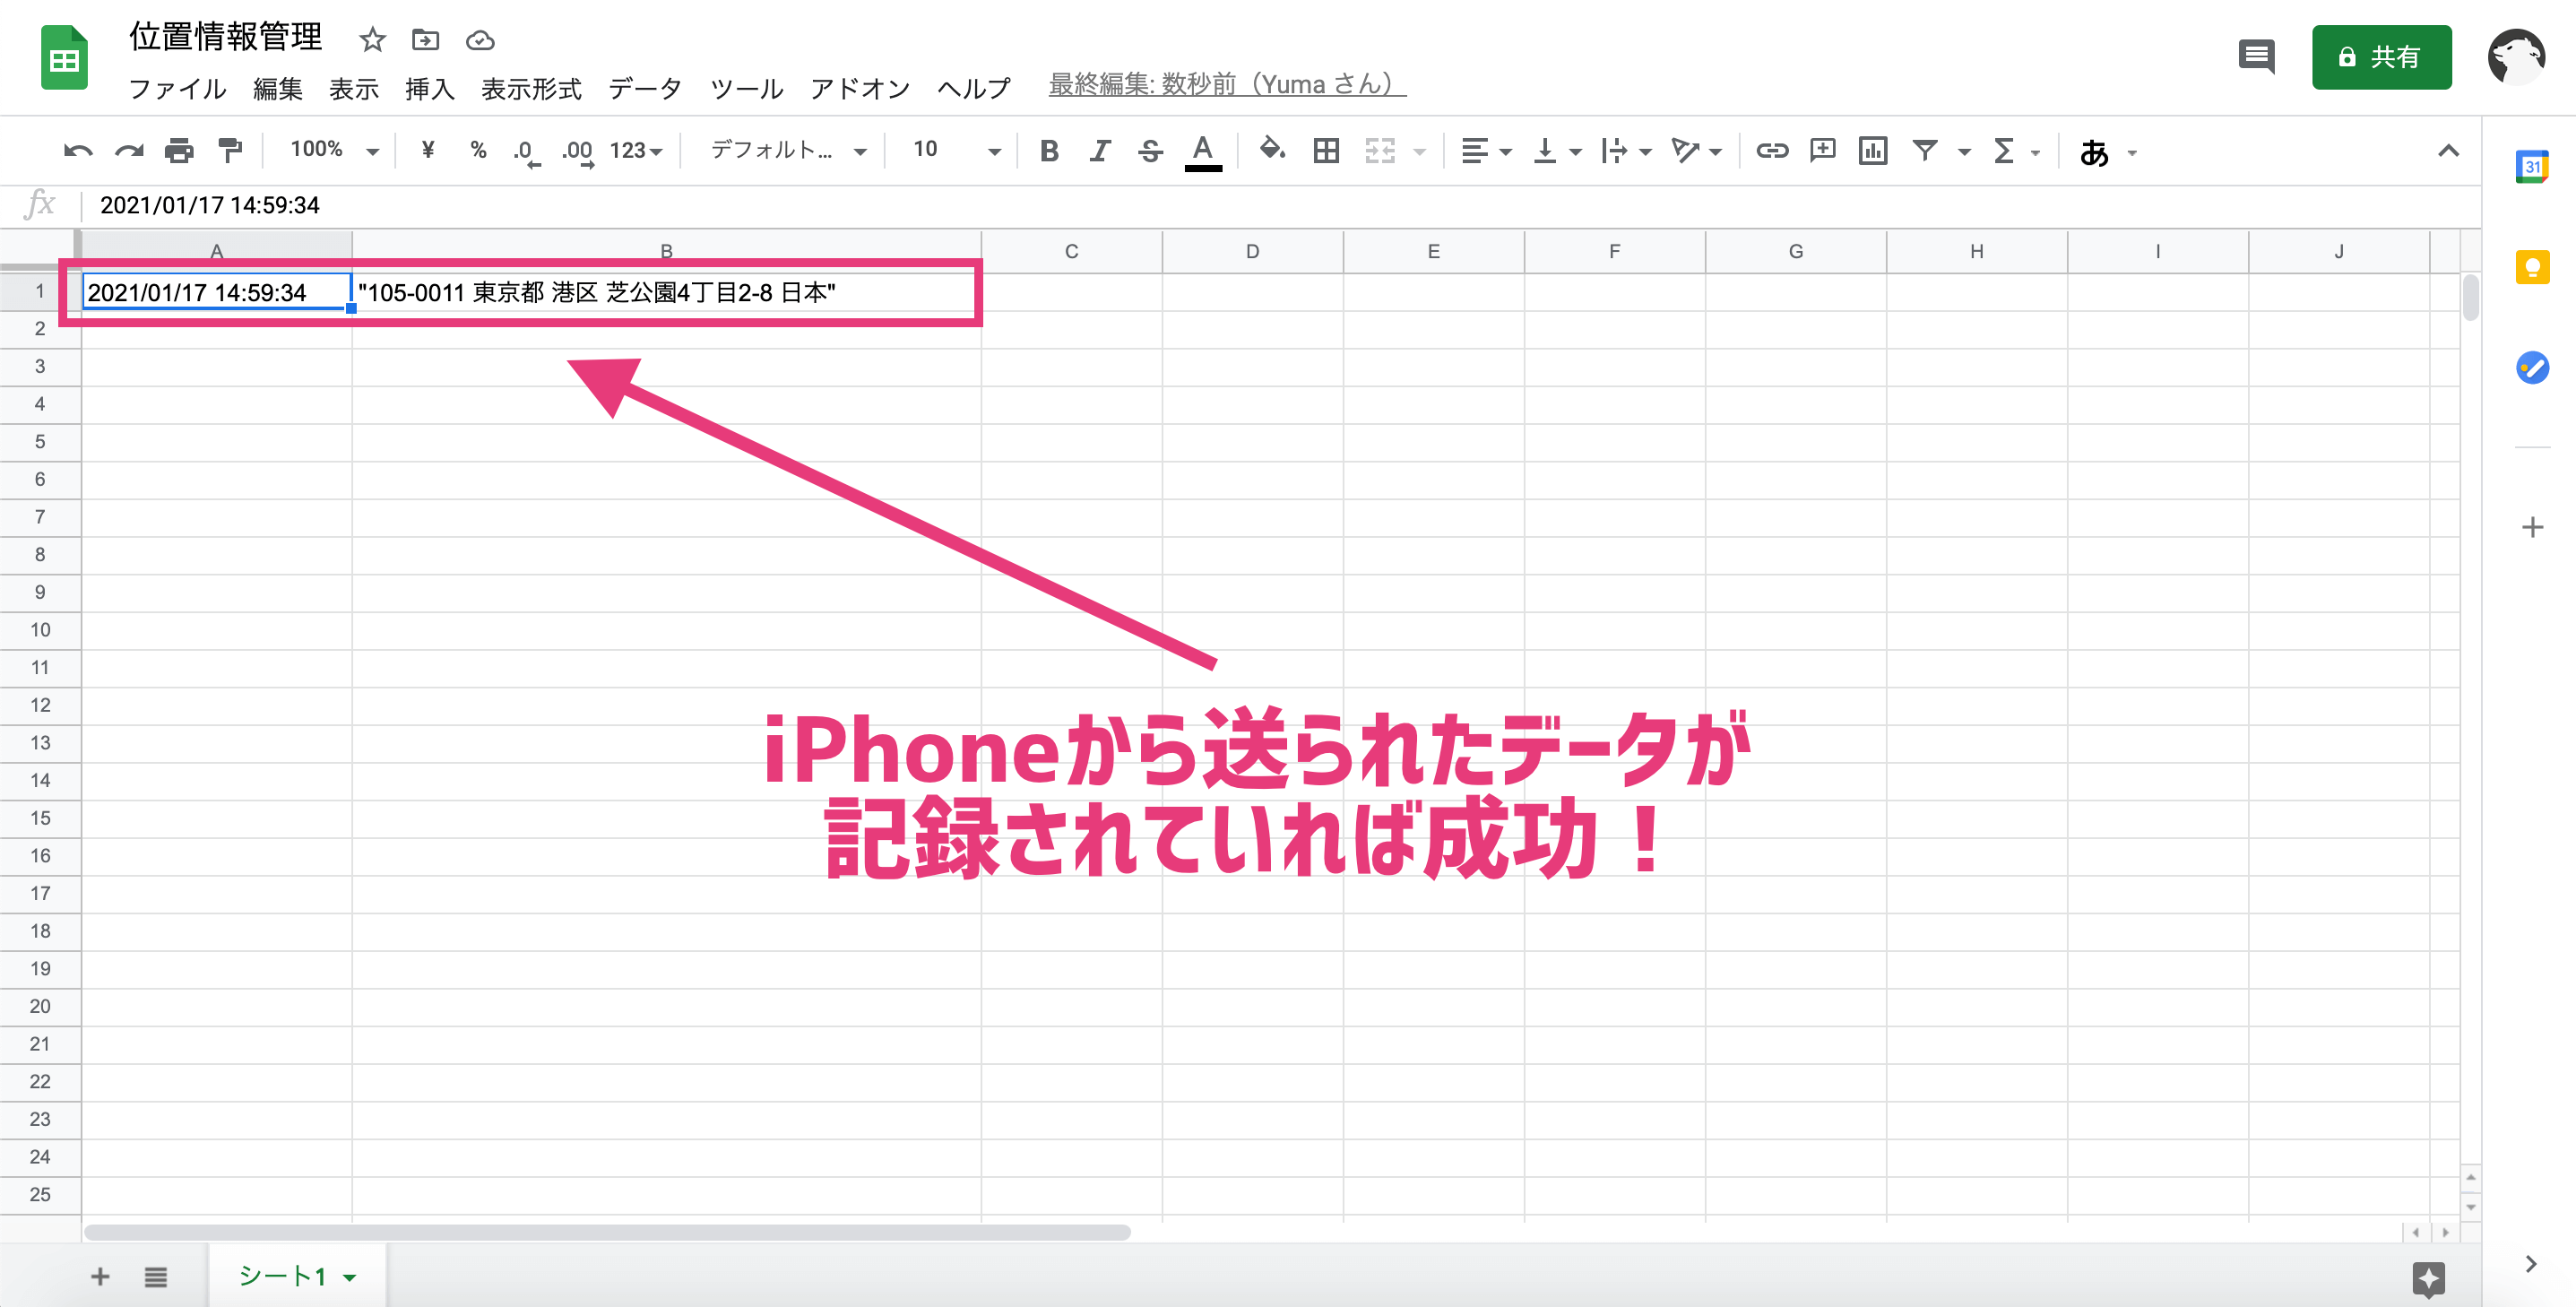 iPhoneから送られたデータが記録されていれば成功!